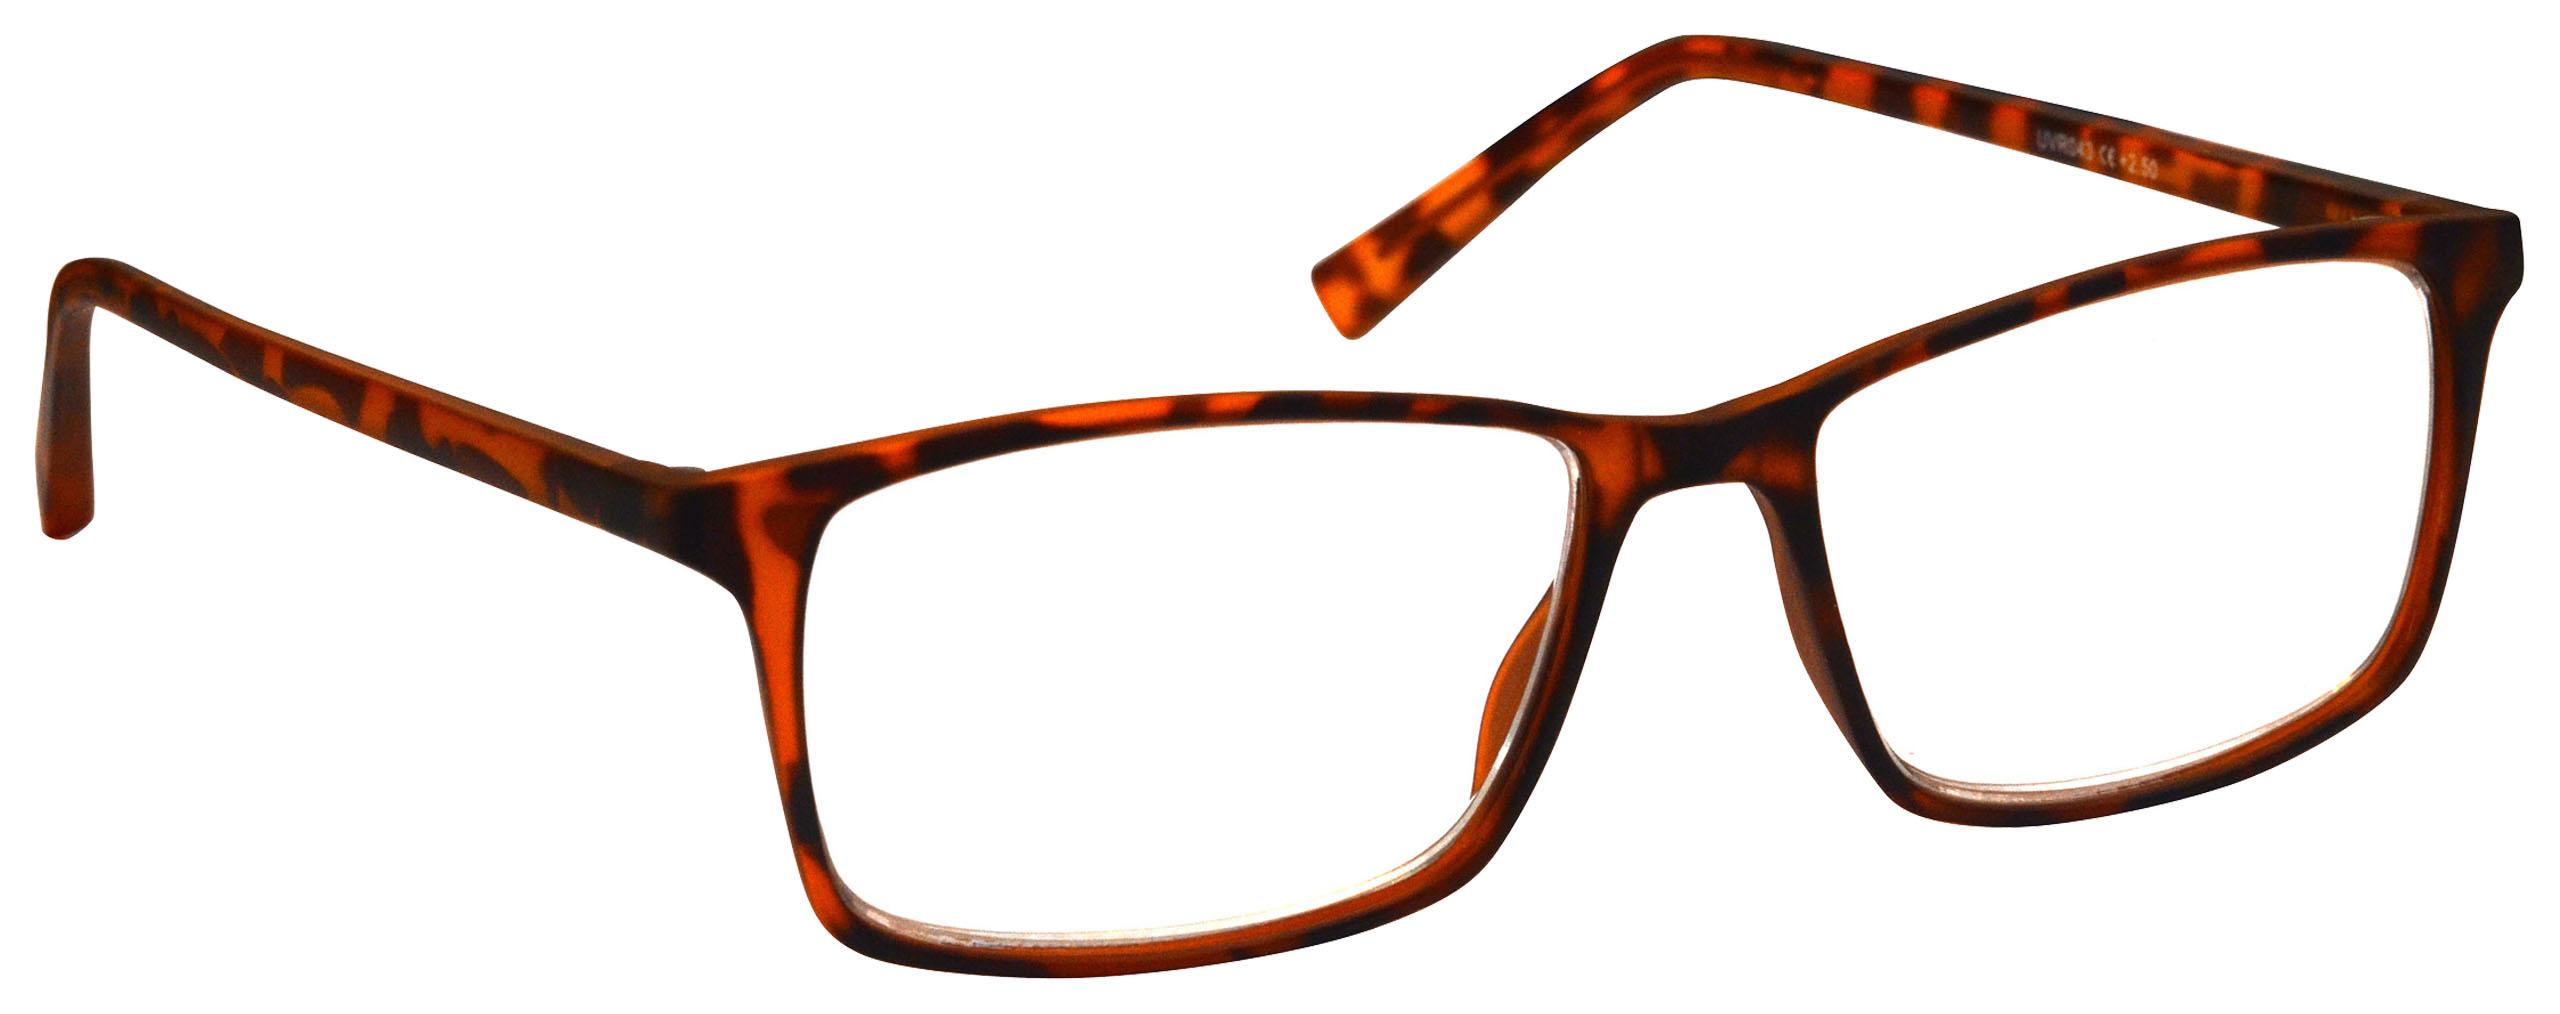 Women s Large Frame Reading Glasses : UV Reader Eco Friendly Reading Glasses Rilsan Frames 100% ...